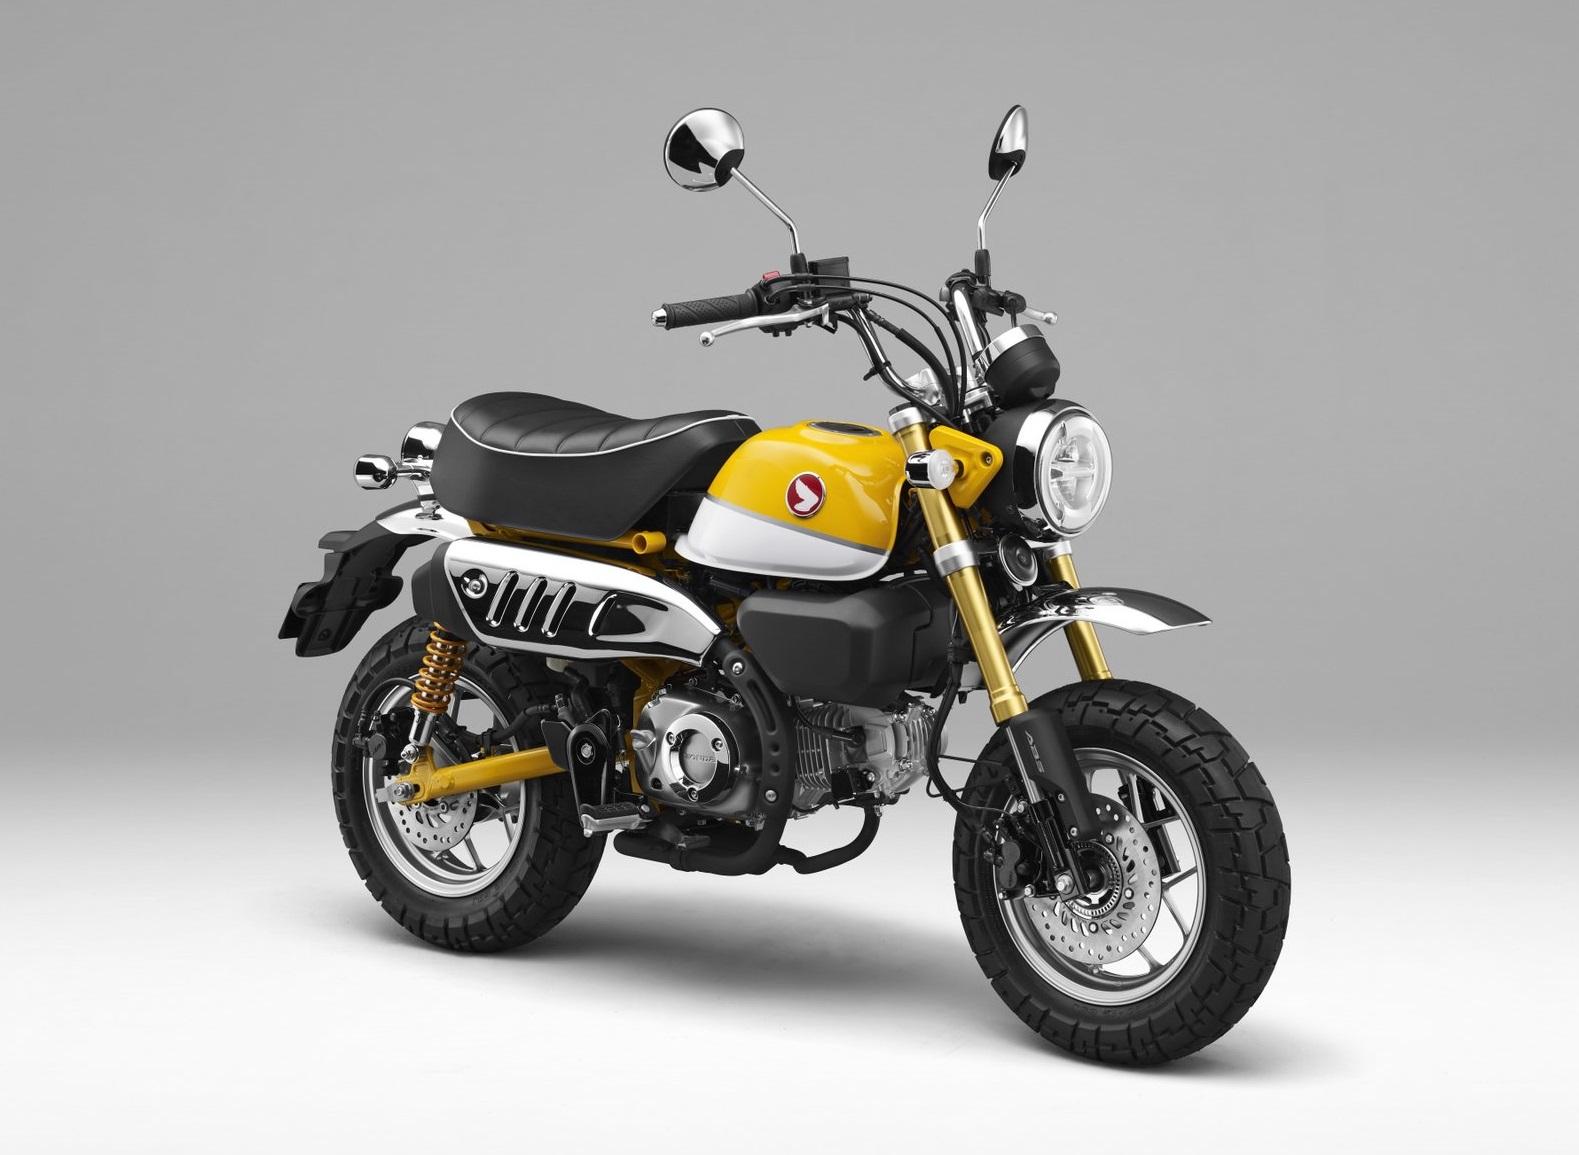 2018本田新一代大猴子Monkey125即将量产